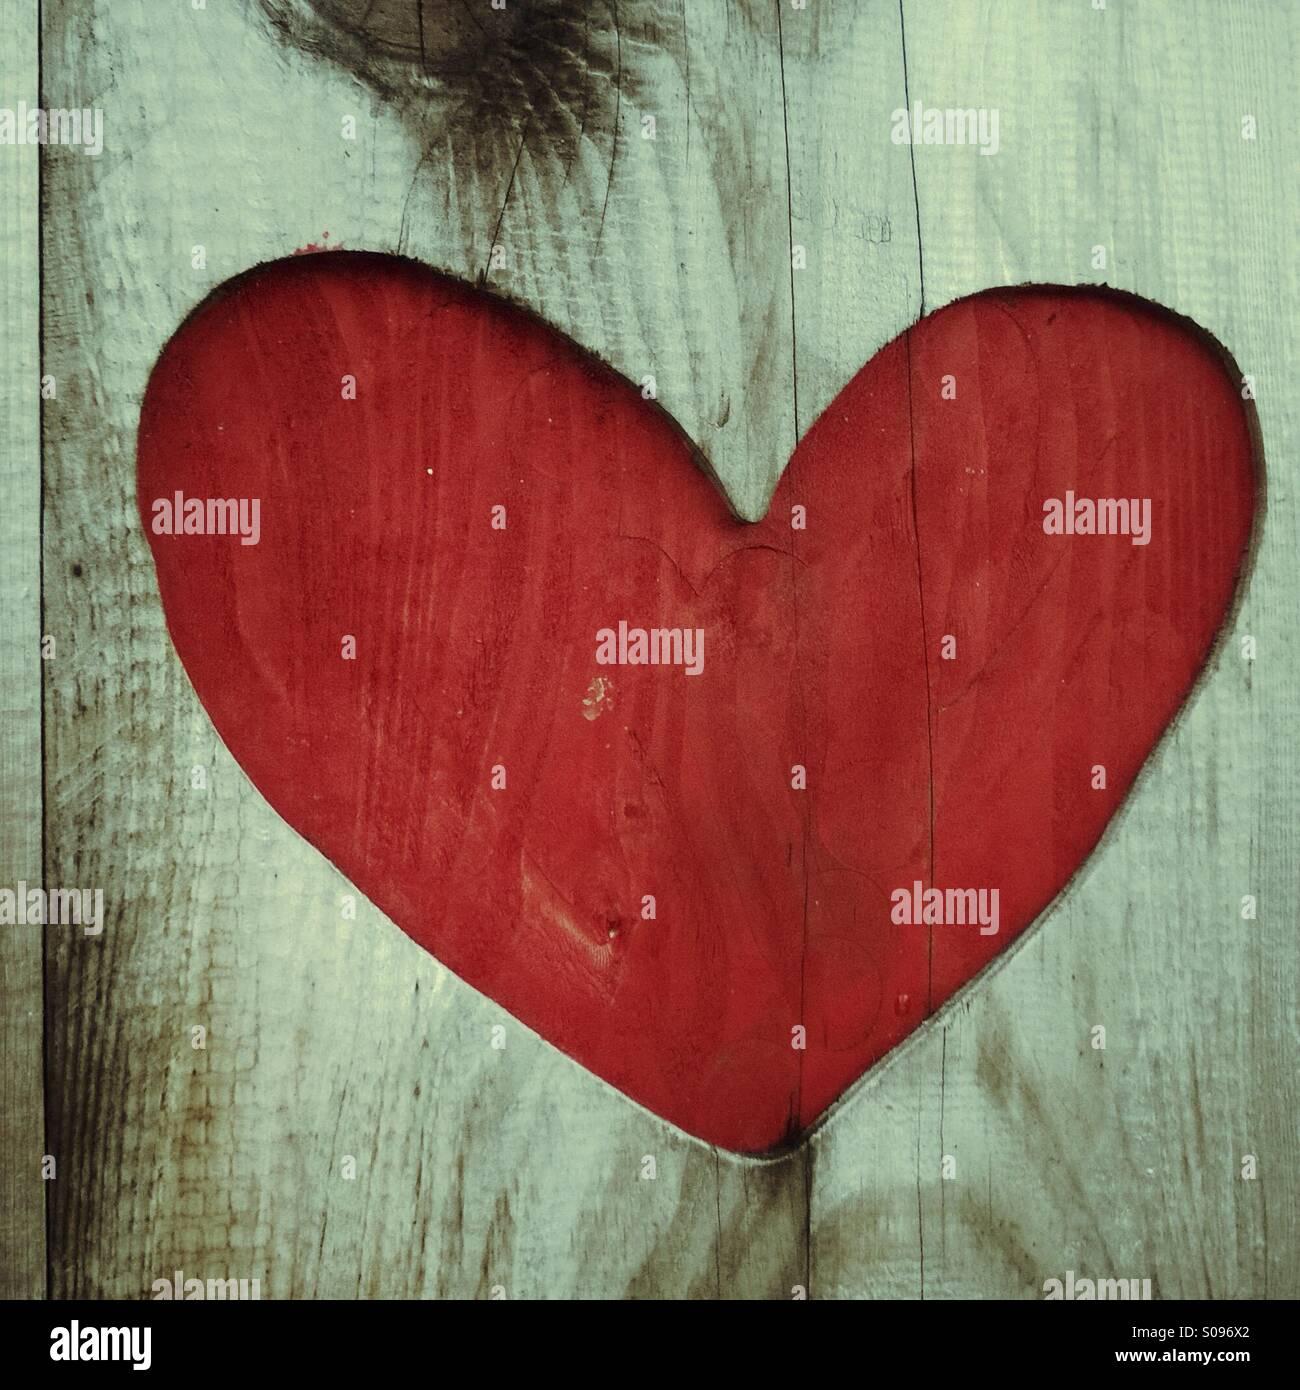 Amor rojo con forma de corazón en madera rústica Imagen De Stock